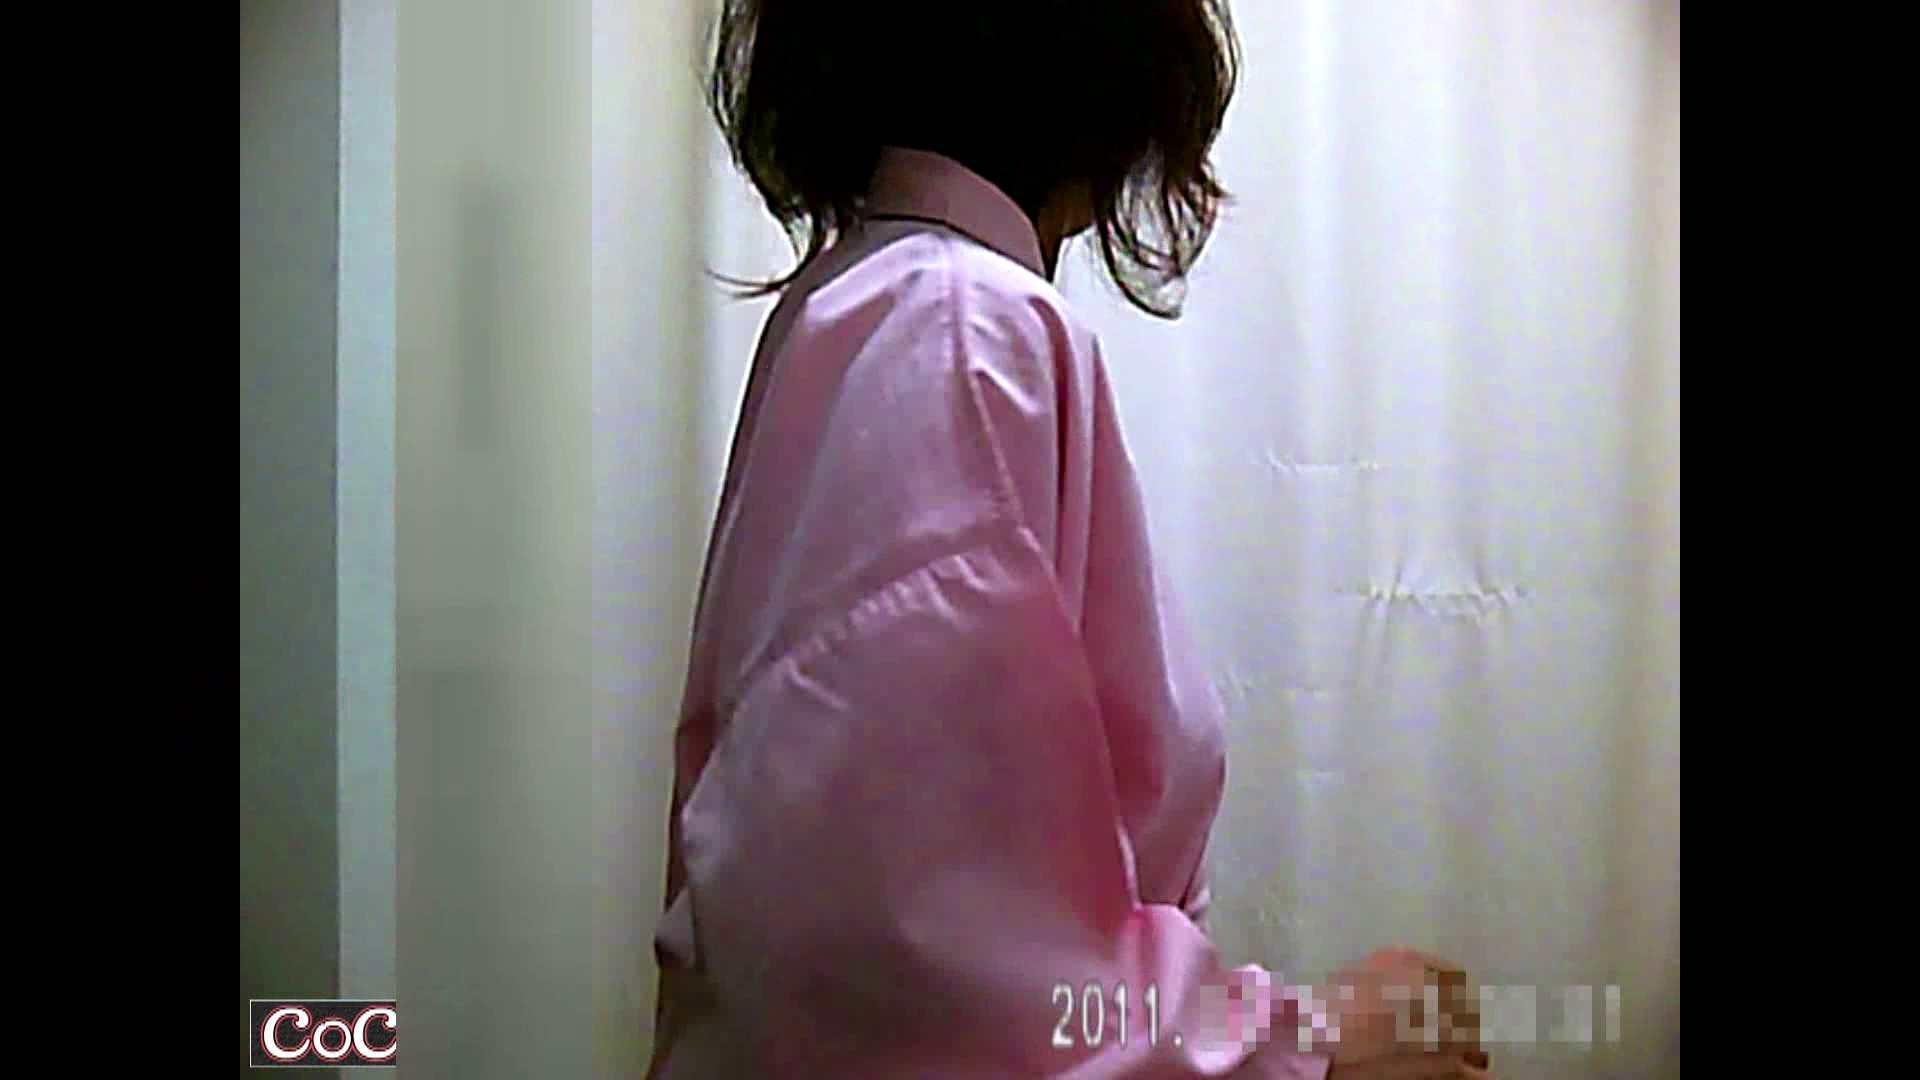 元医者による反抗 更衣室地獄絵巻 vol.290 OLハメ撮り  44Pix 26